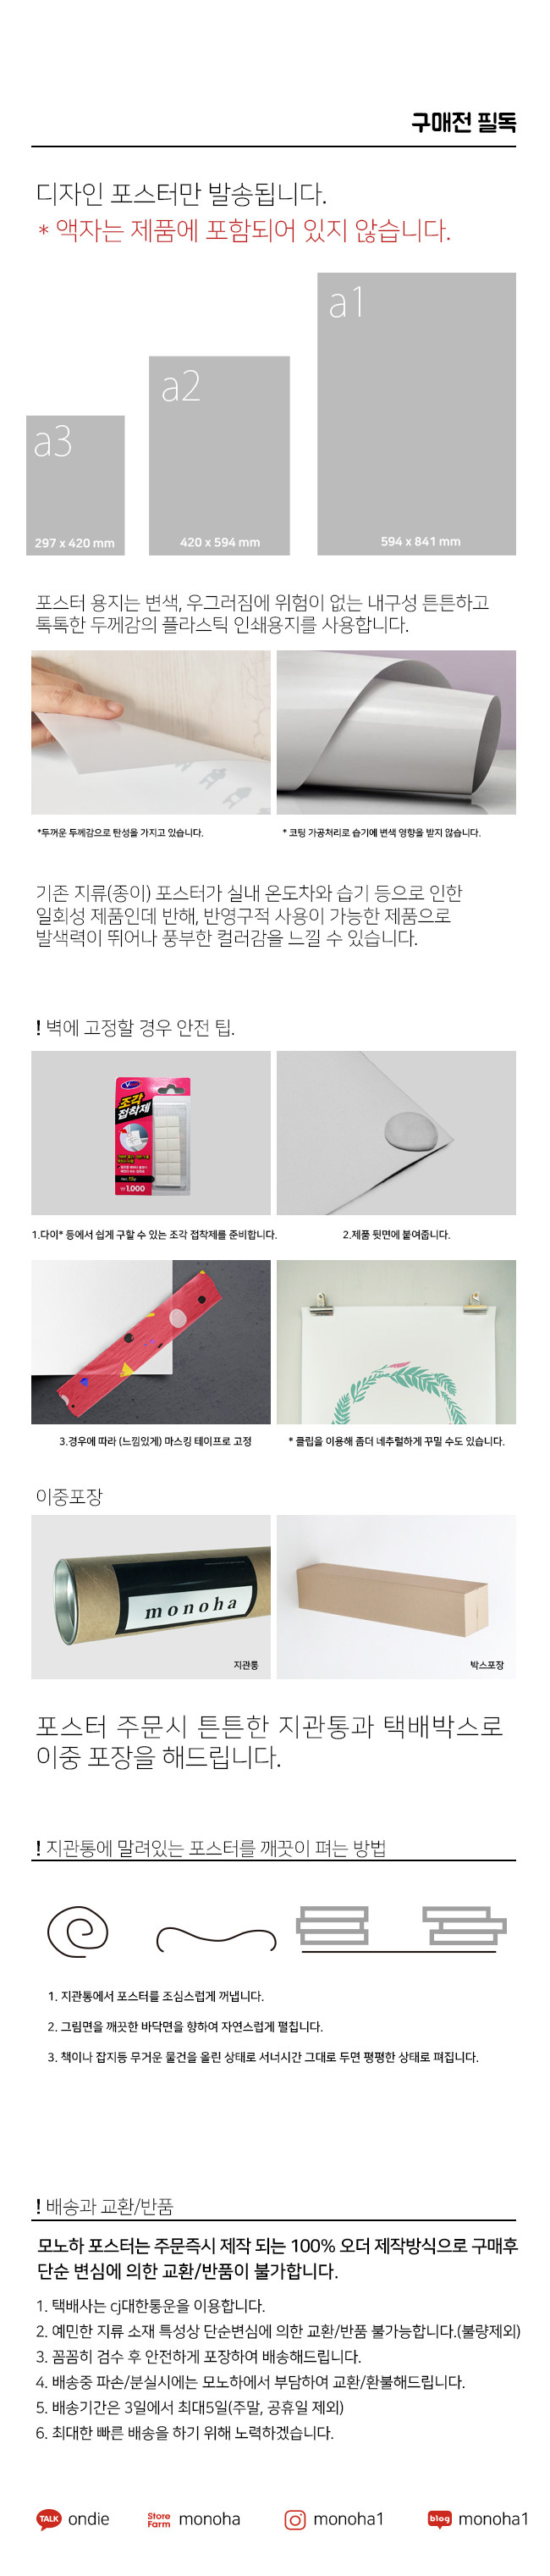 유니크 디자인 인테리어 포스터 M 소울푸드2 자장면 중국 - 모노하, 14,800원, 홈갤러리, 포스터